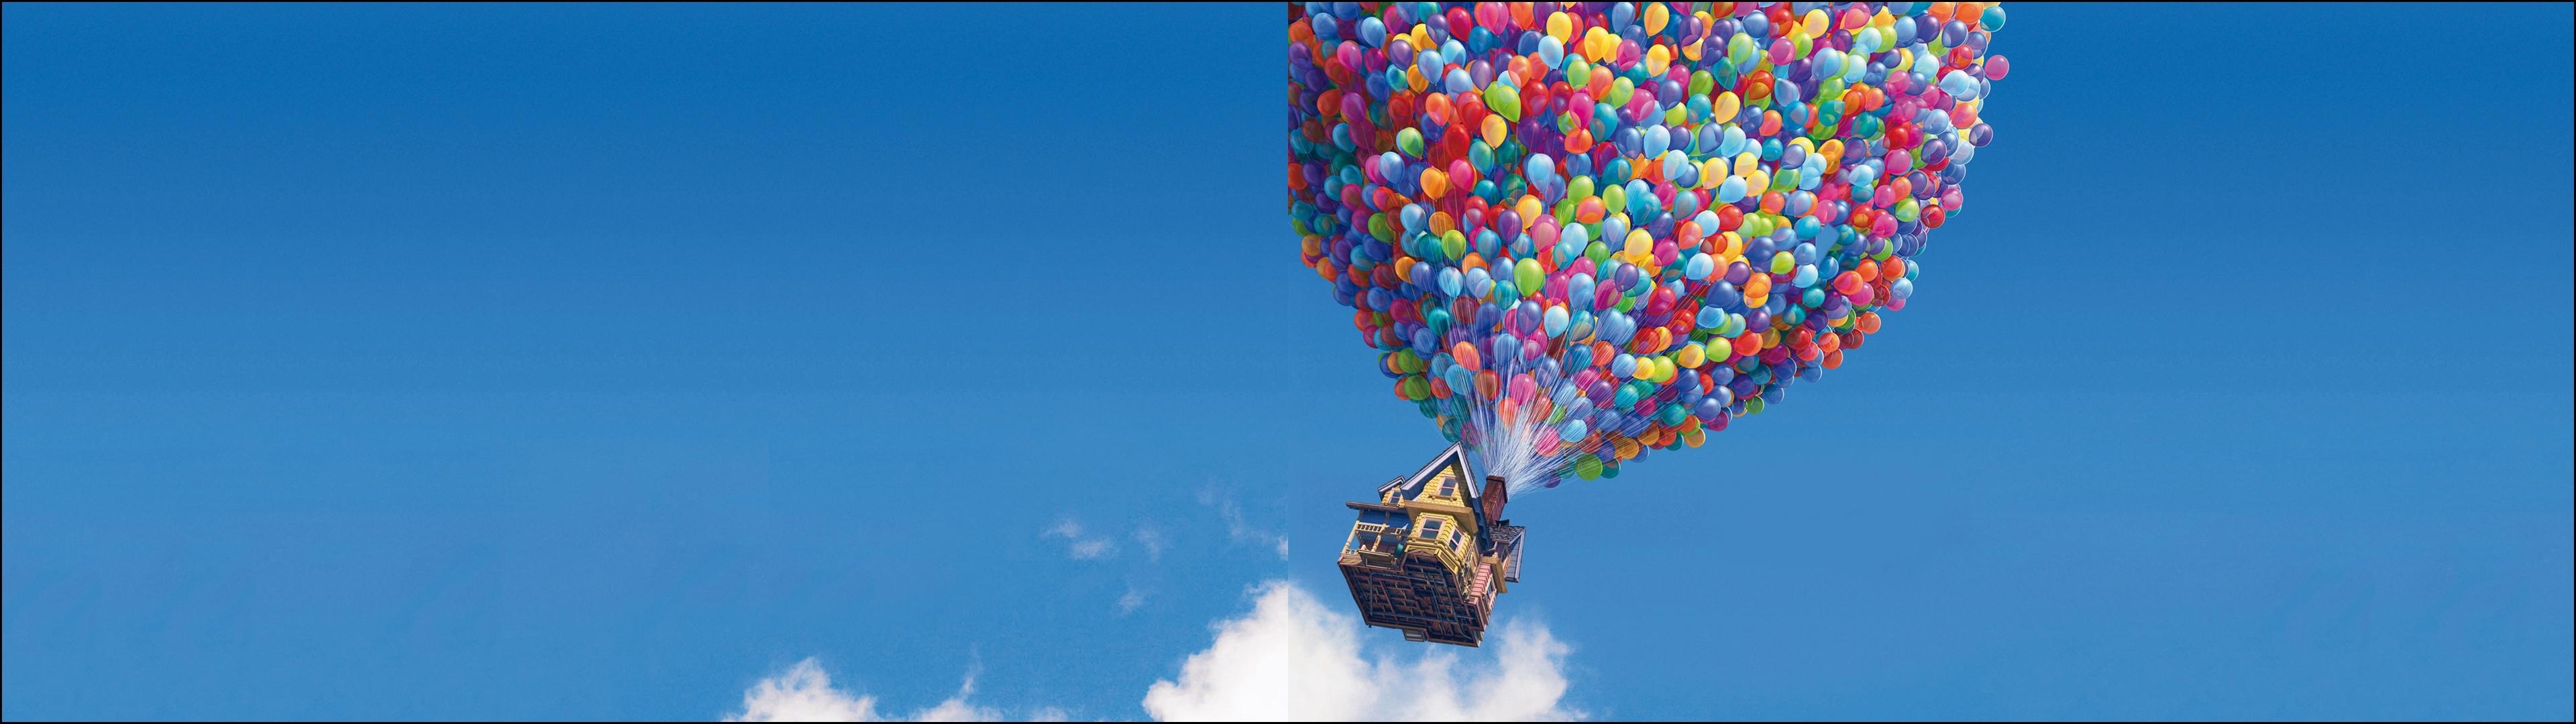 pixar up movie 3840x1080 wallpaper Best WallpapersTop Wallpapers 3840x1080